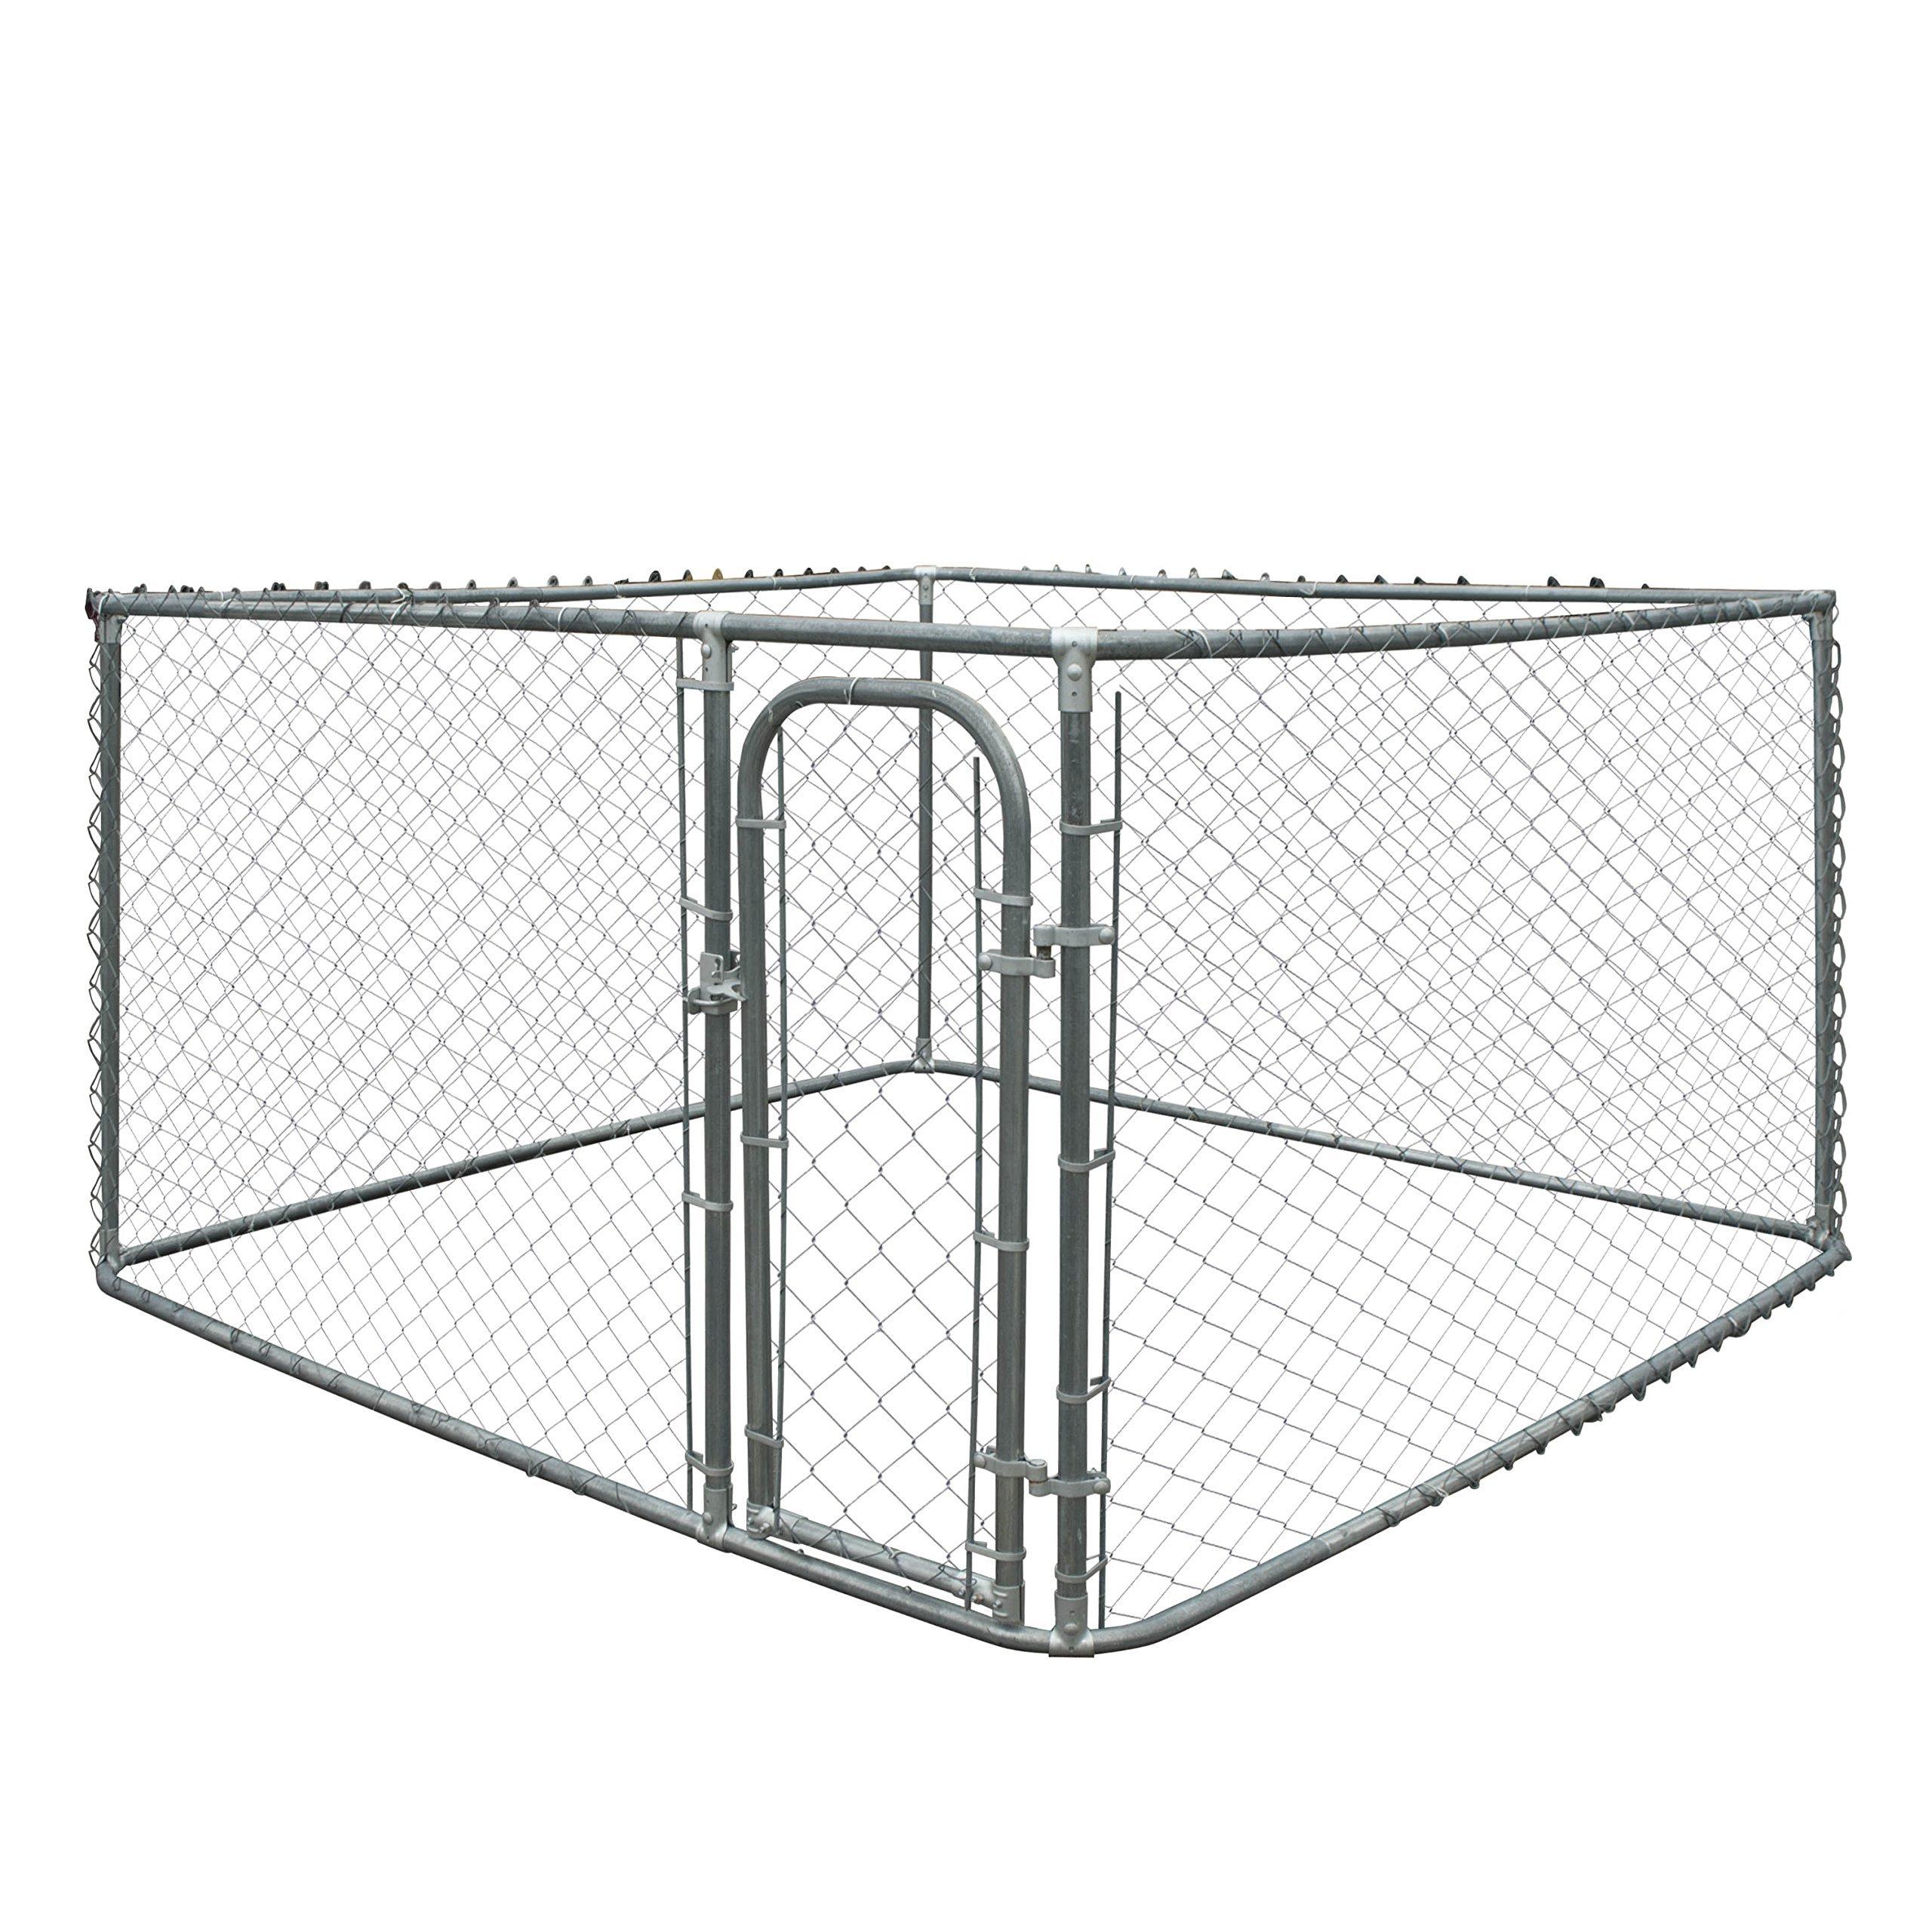 ALEKO DK7X7X4 Pet System DIY Box Kennel Chain Link Dog Kennel Playpen Chicken Coop Hen House 7.5 x 7.5 x 4 Feet